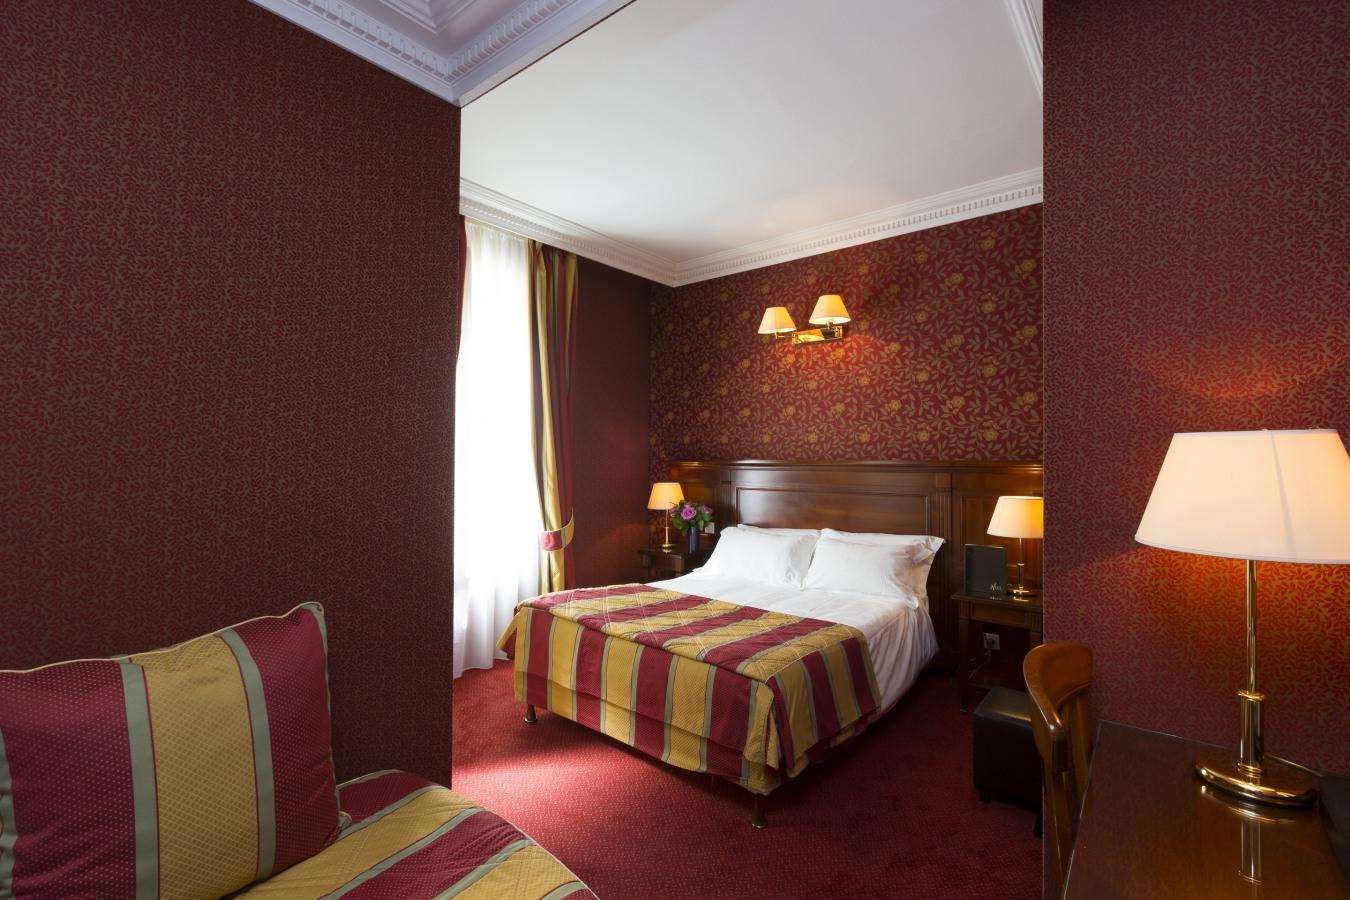 Hôtel Niel - Quartos